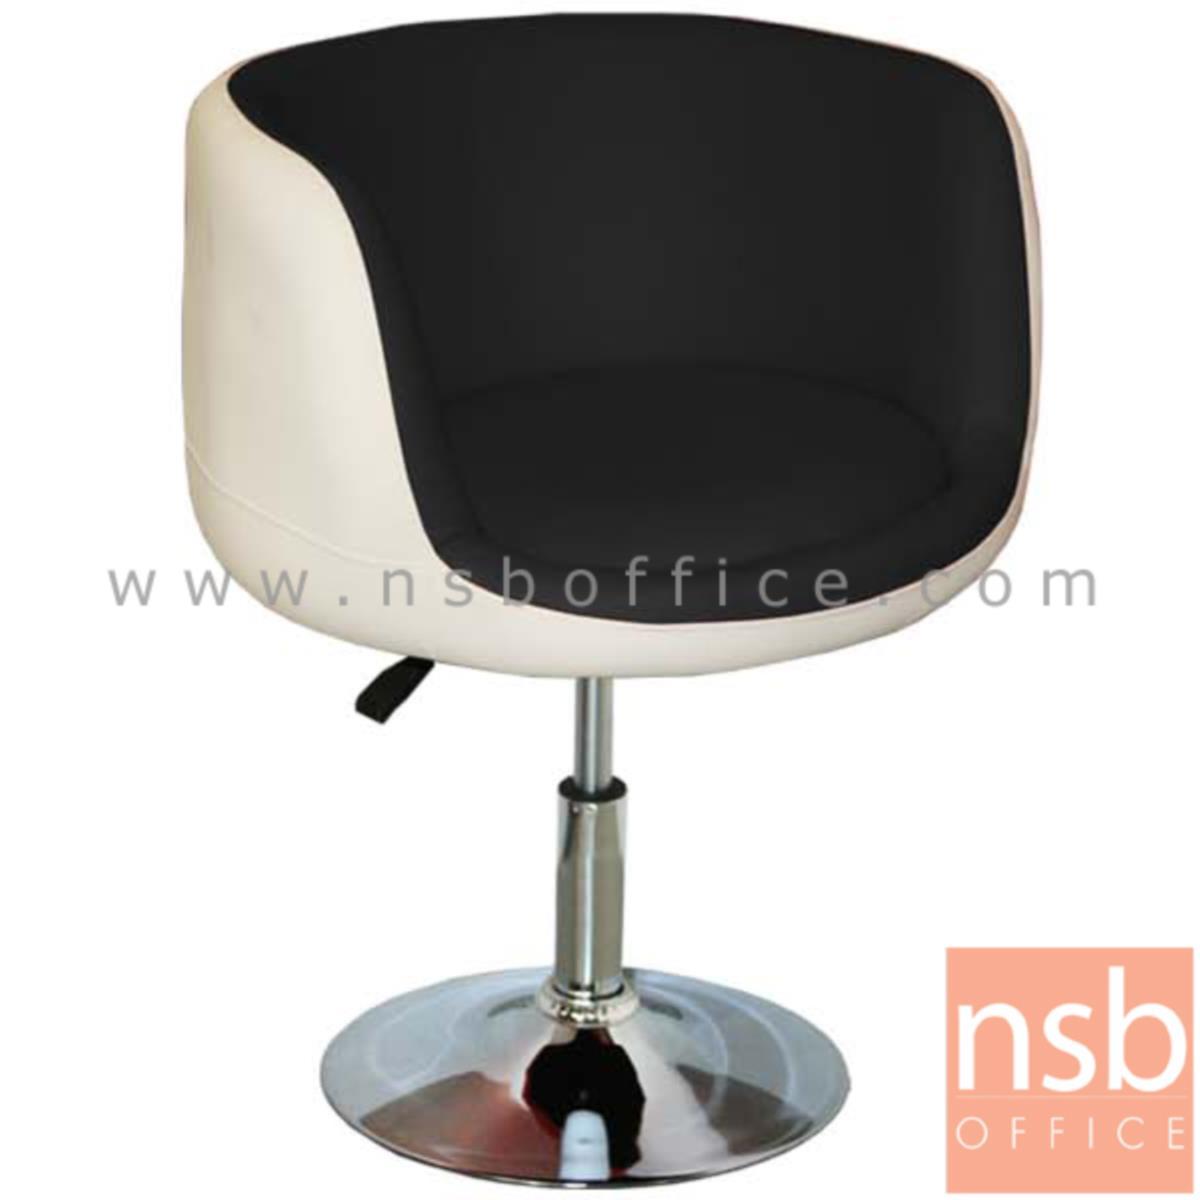 เก้าอี้พักผ่อนหนังเทียมสีทูโทน รุ่น Uriah Heep (ยูไรอาห์ฮีป) ขนาด 65W cm. โช๊คแก๊ส โครงเหล็กชุบโครเมี่ยม